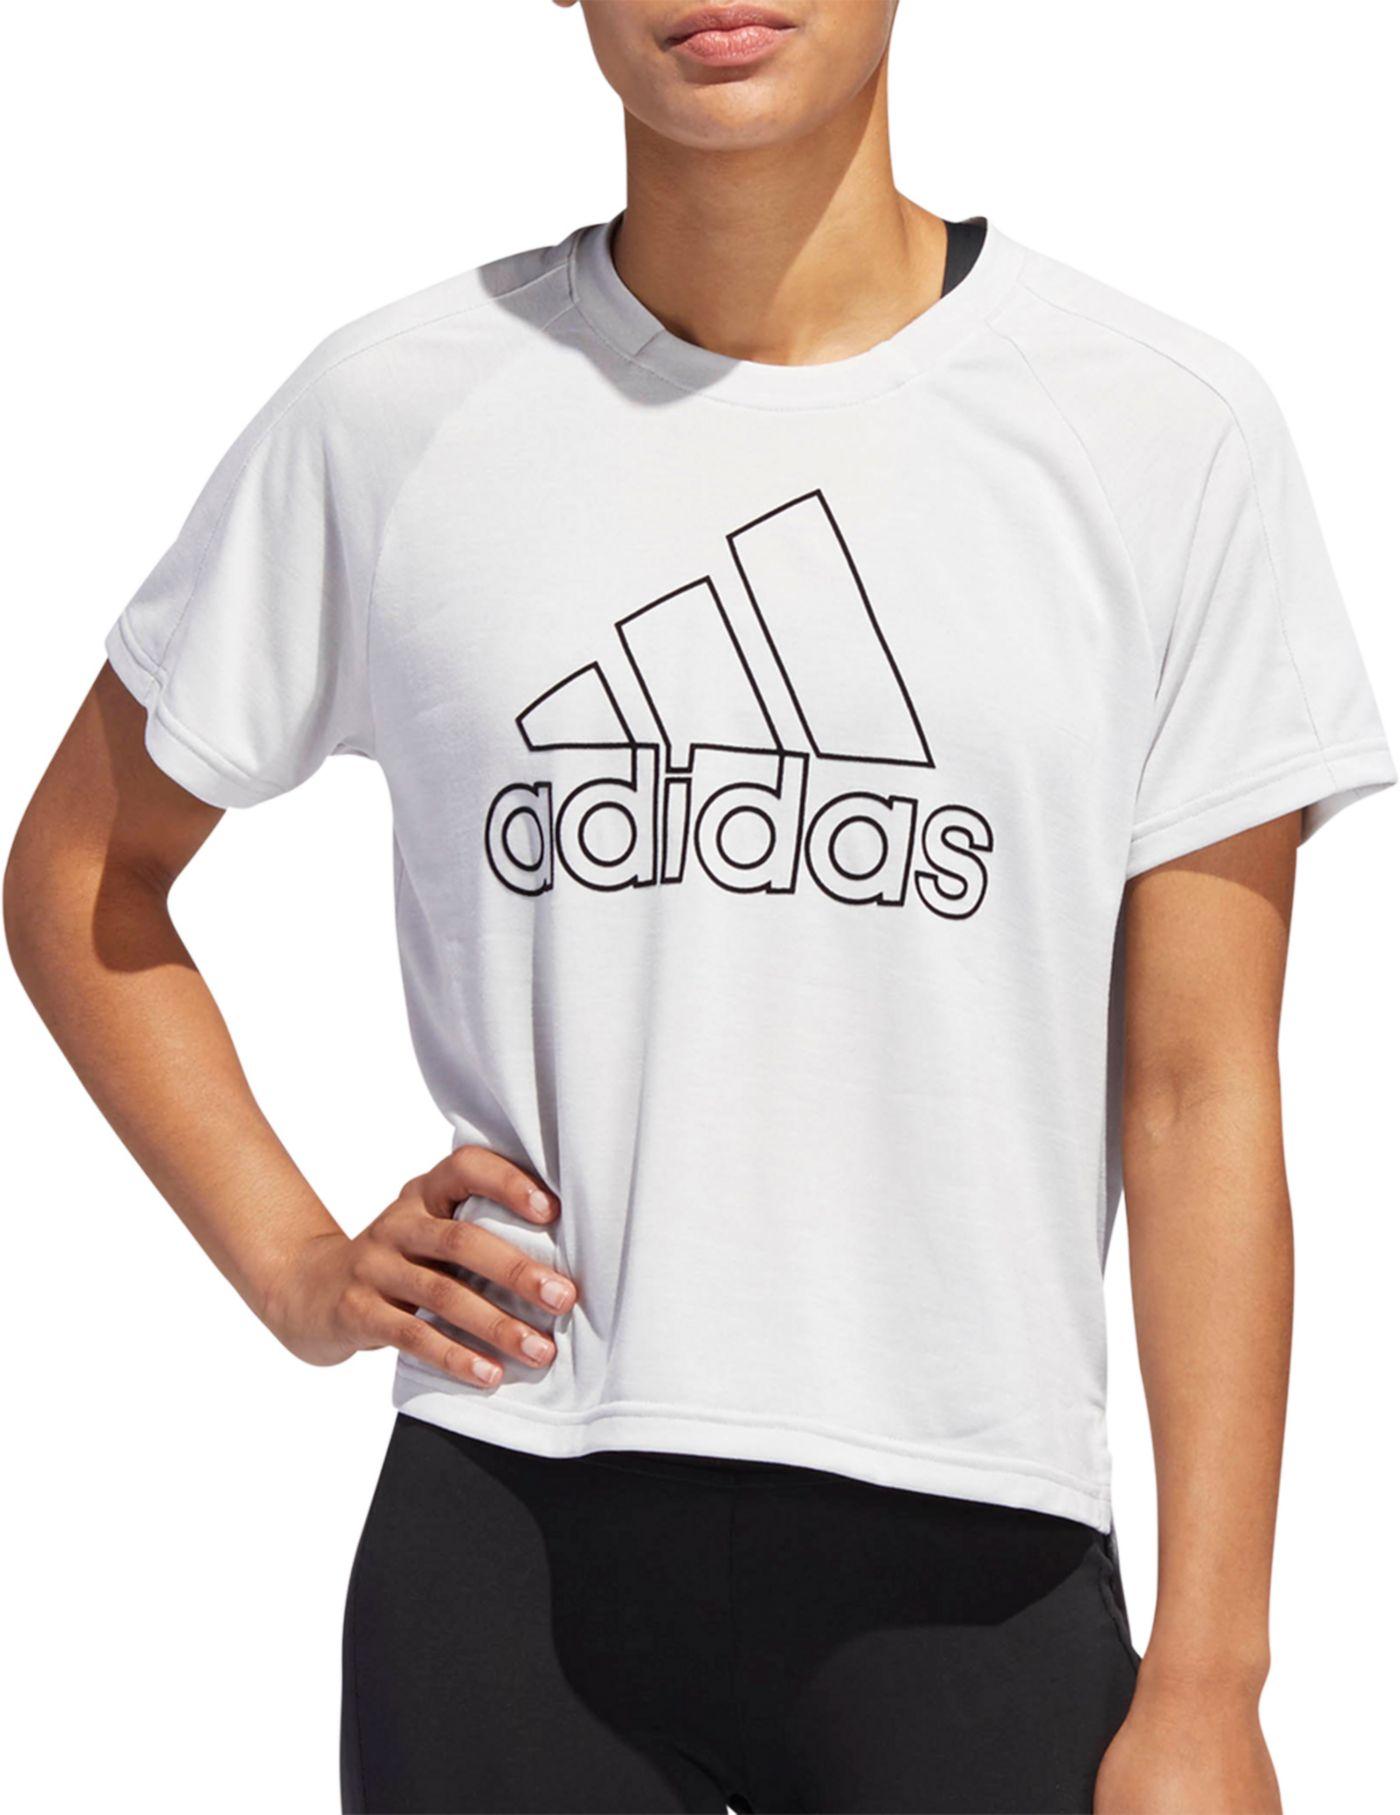 adidas Women's Sport 2 Street Prize T-Shirt